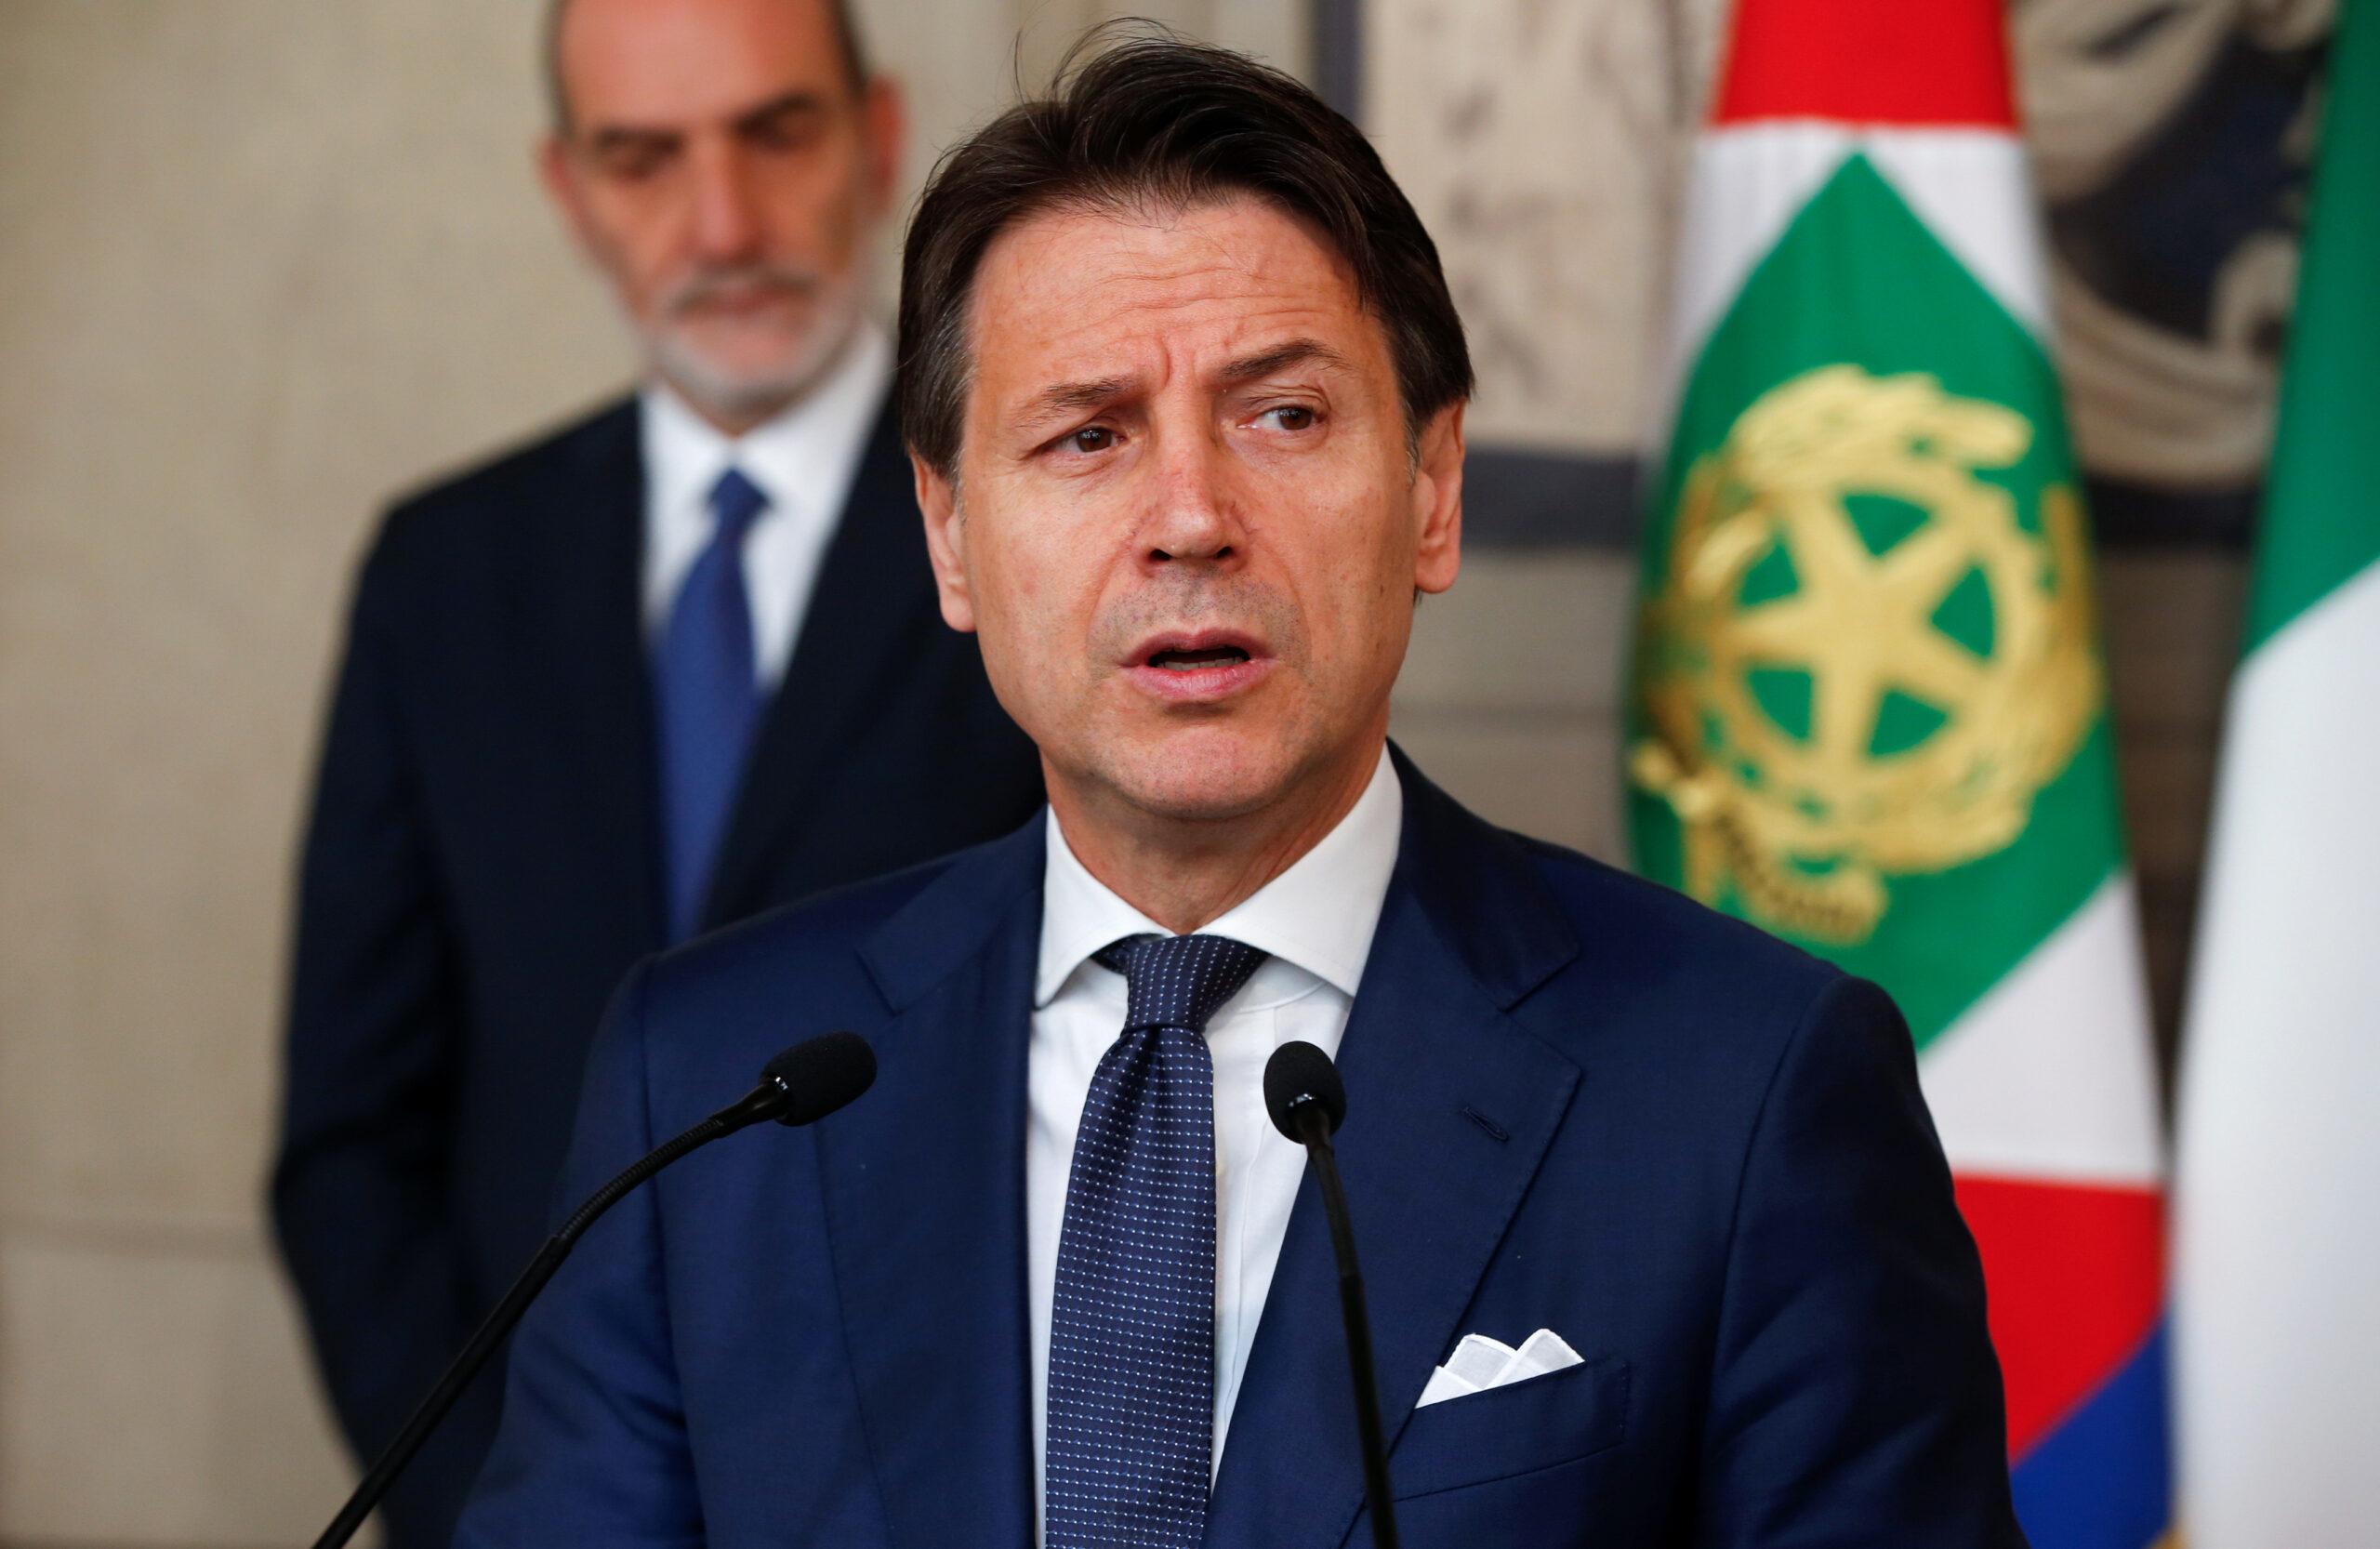 El primer ministre italià Giuseppe Conte parla als mitjans de comunicació al Palau Presidencial del Quirinale   ACN